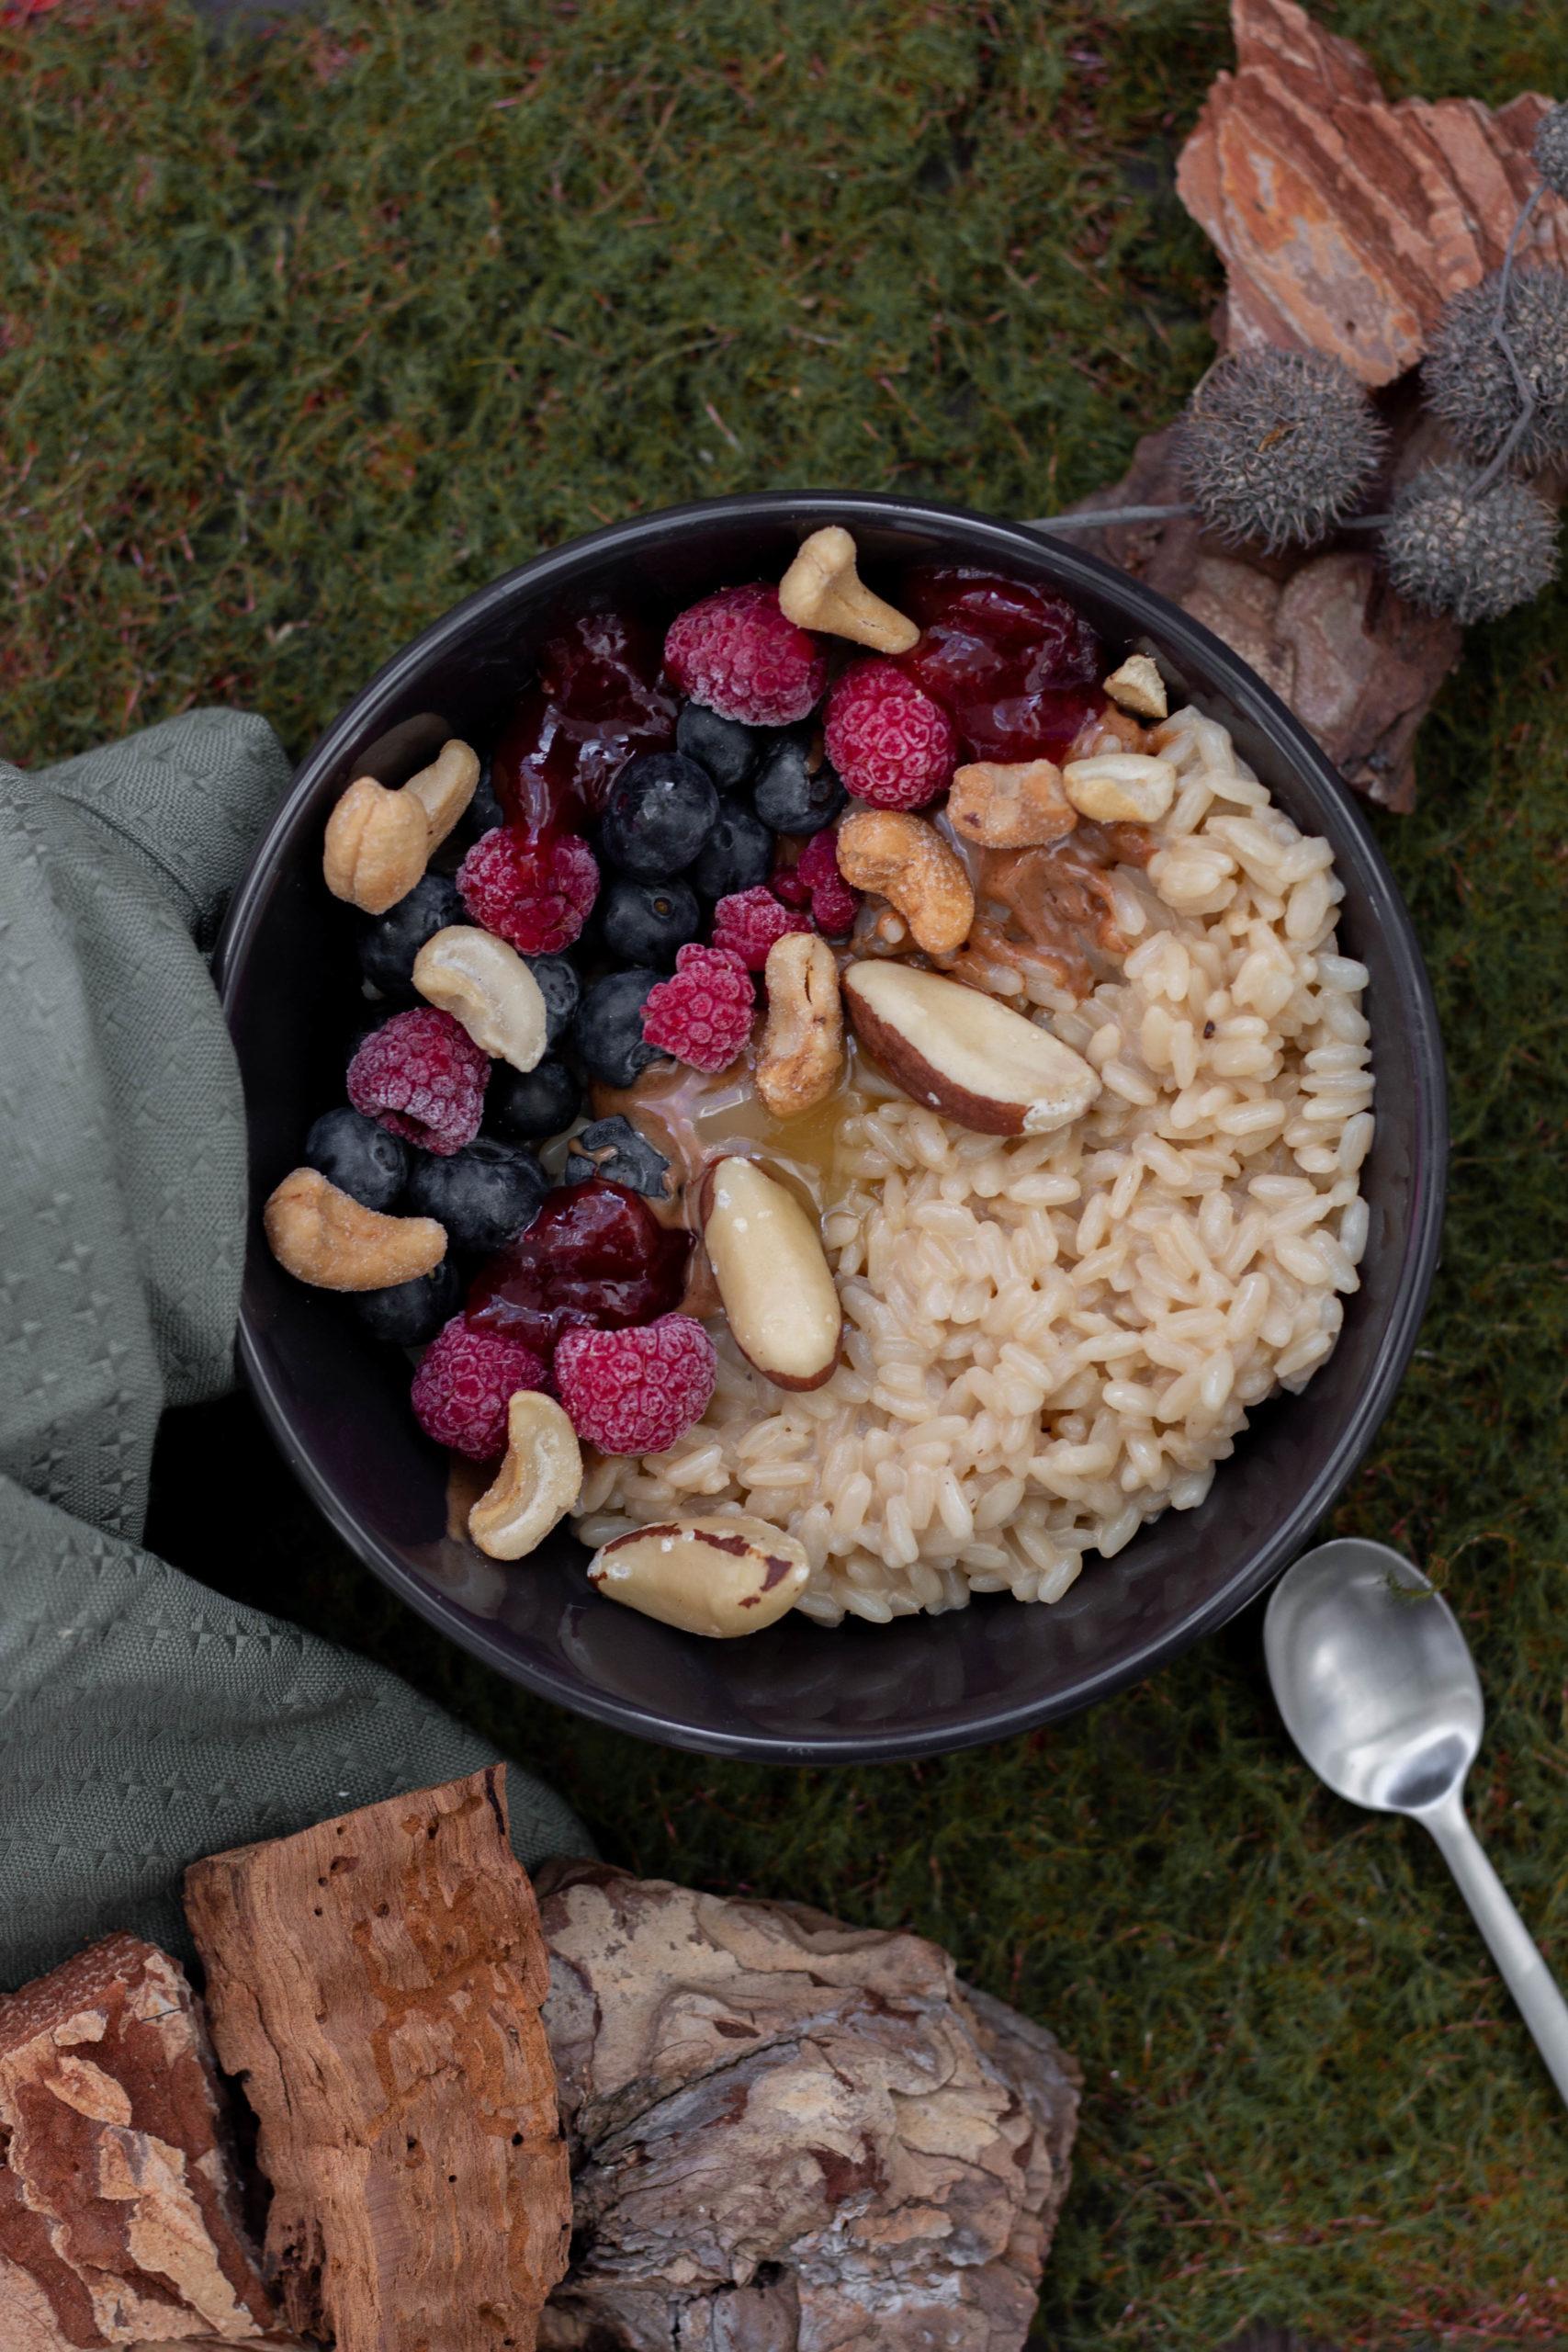 Veganer-Milchreis-Risotto-Milchreis-Vegan-Winter-Dein-Homespa-Food-Wohlfühlblog-aus-dem-Mostviertel